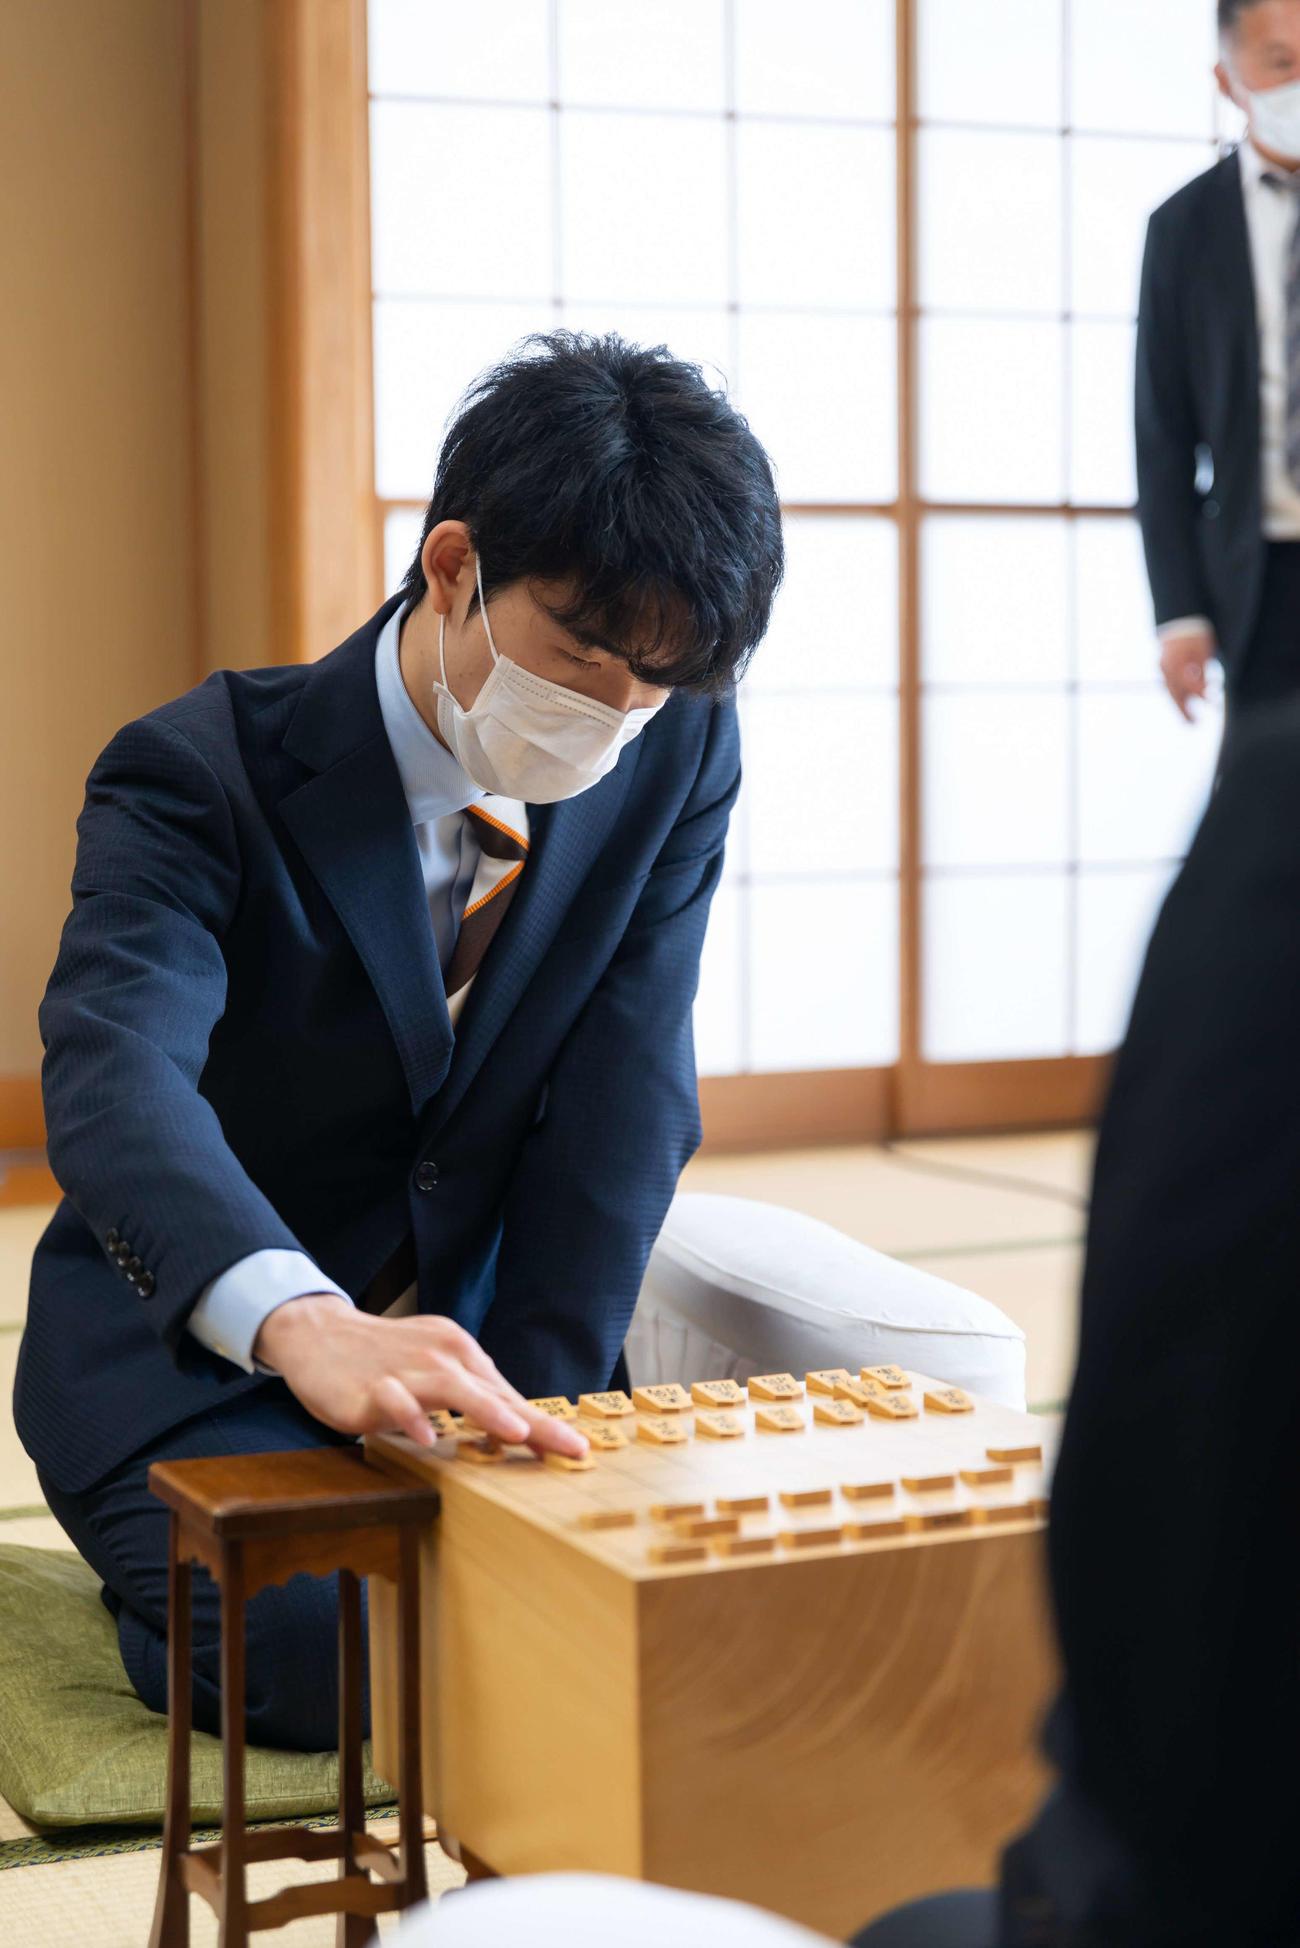 第91期棋聖戦挑戦者決定戦で対局する藤井聡太七段(日本将棋連盟提供)